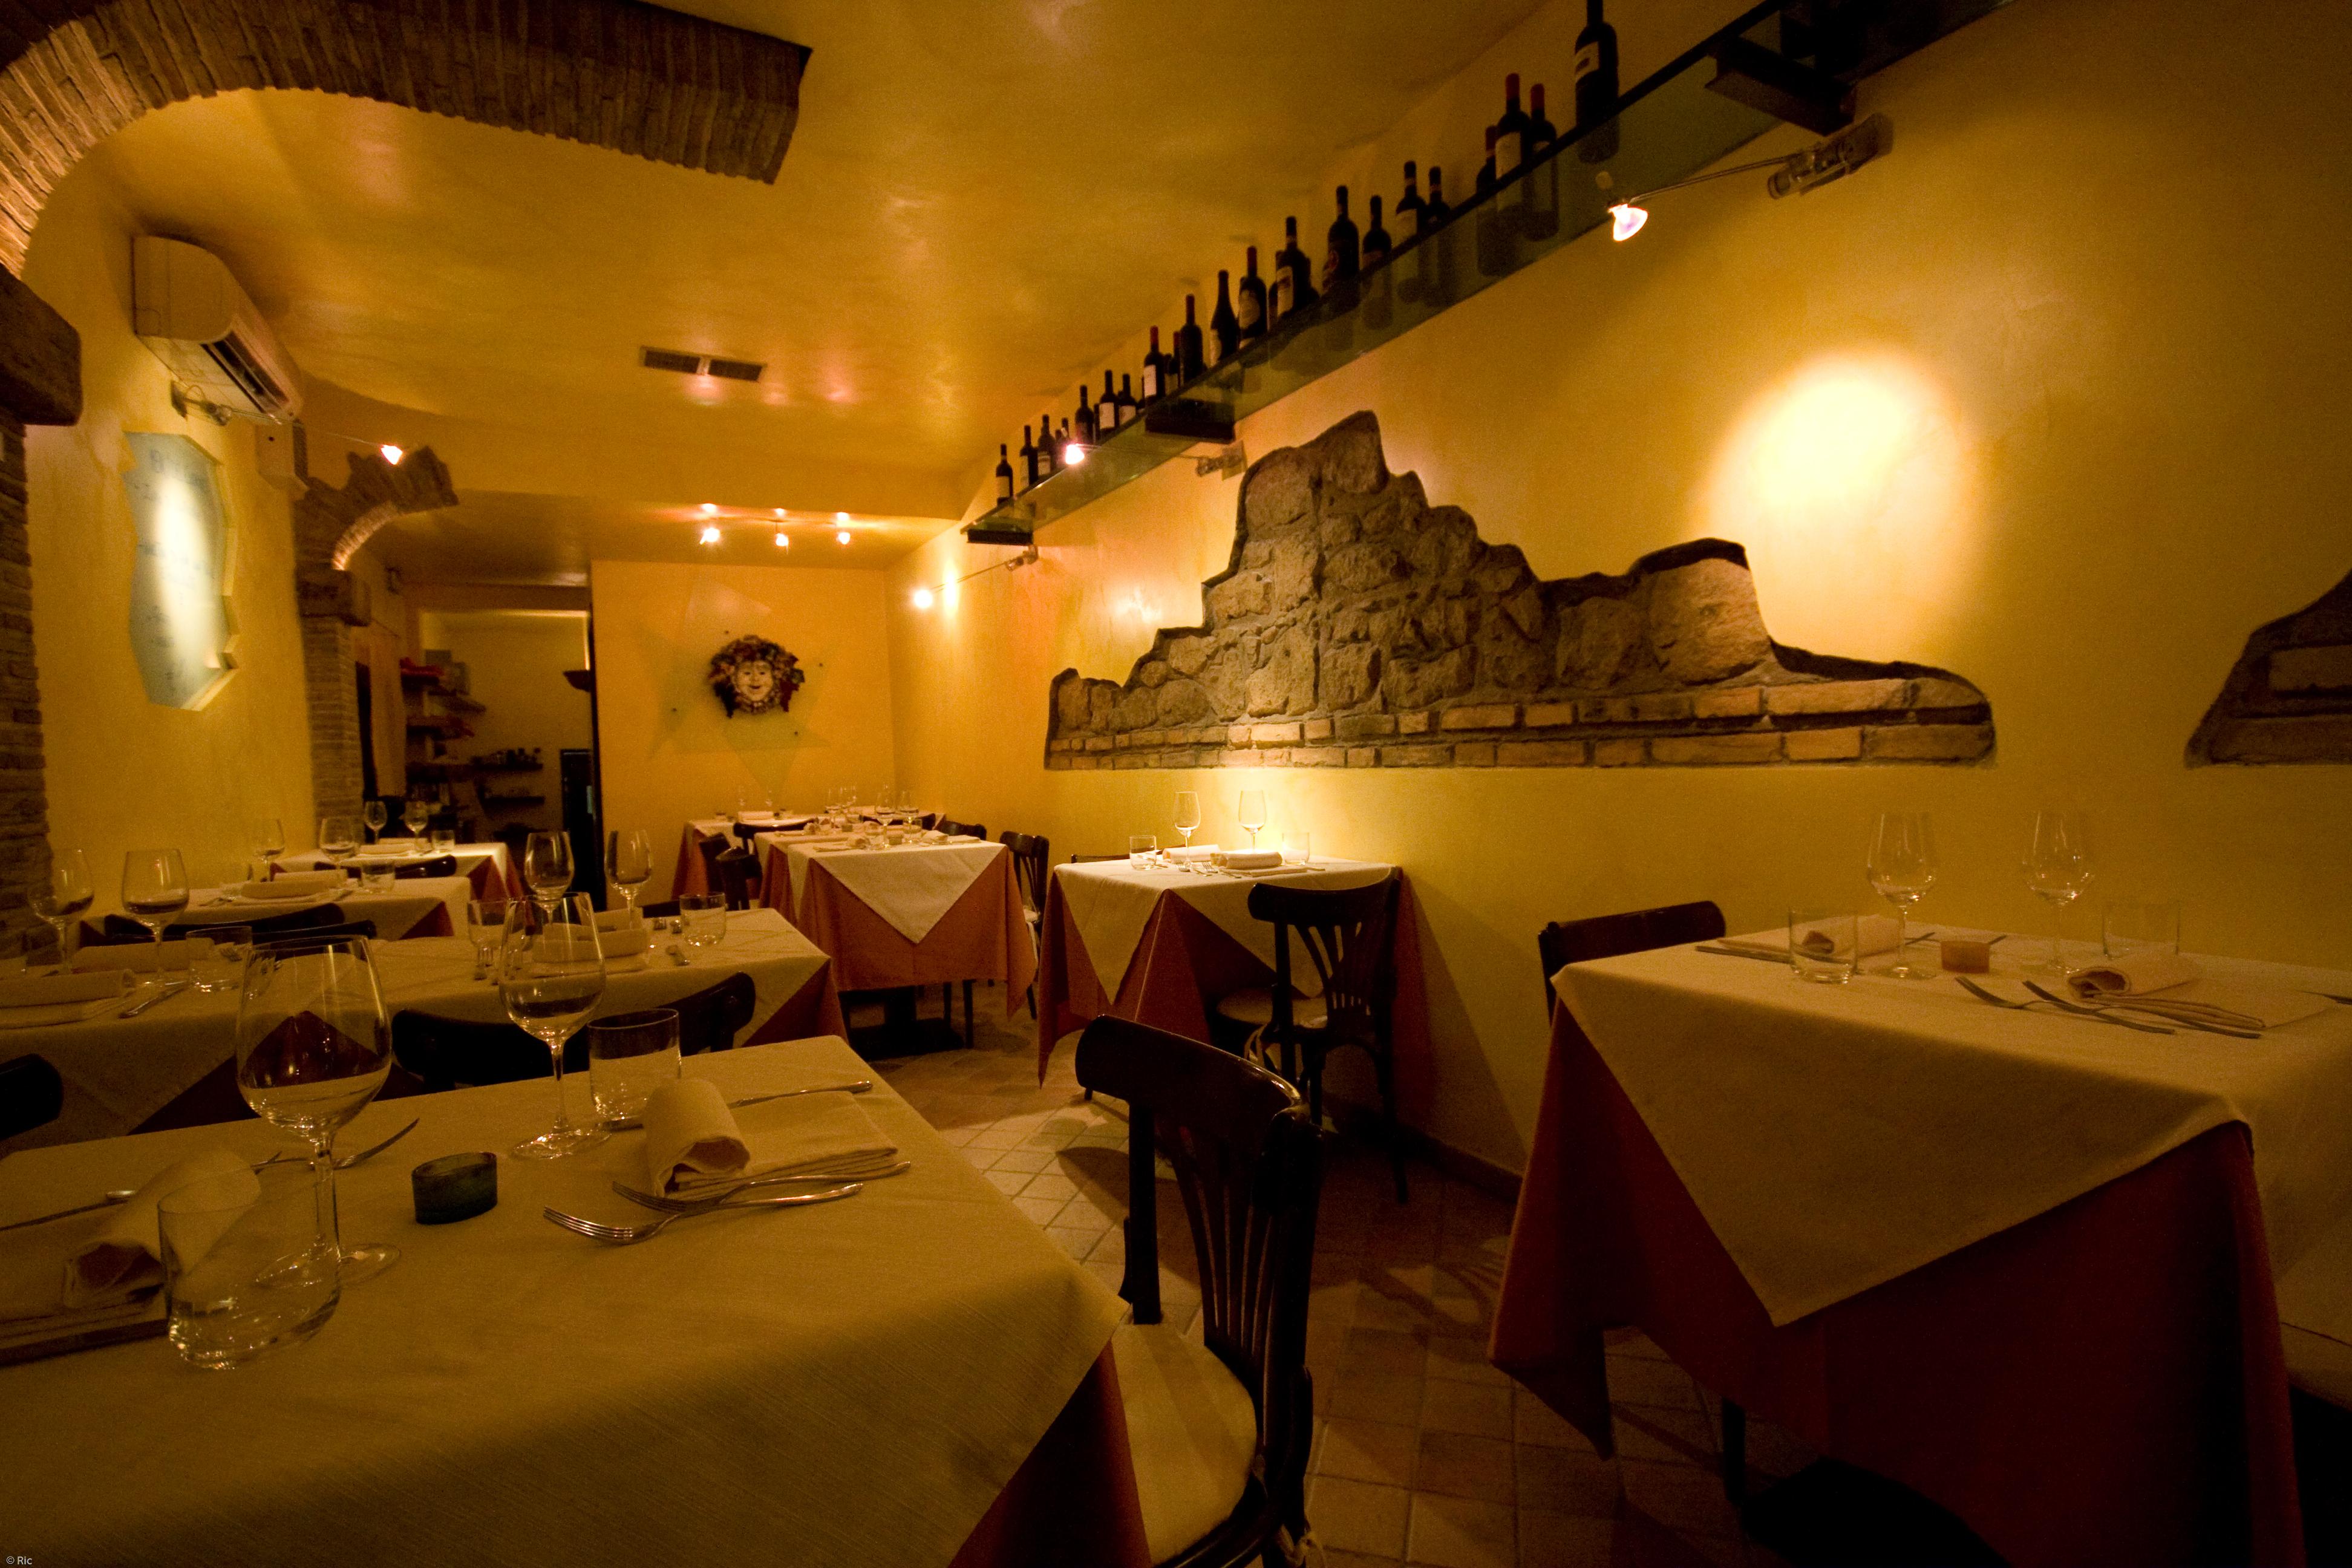 romaatavola.it - ristoranti roma | ristorante specialità di pesce roma - Ristoranti Cucina Romana